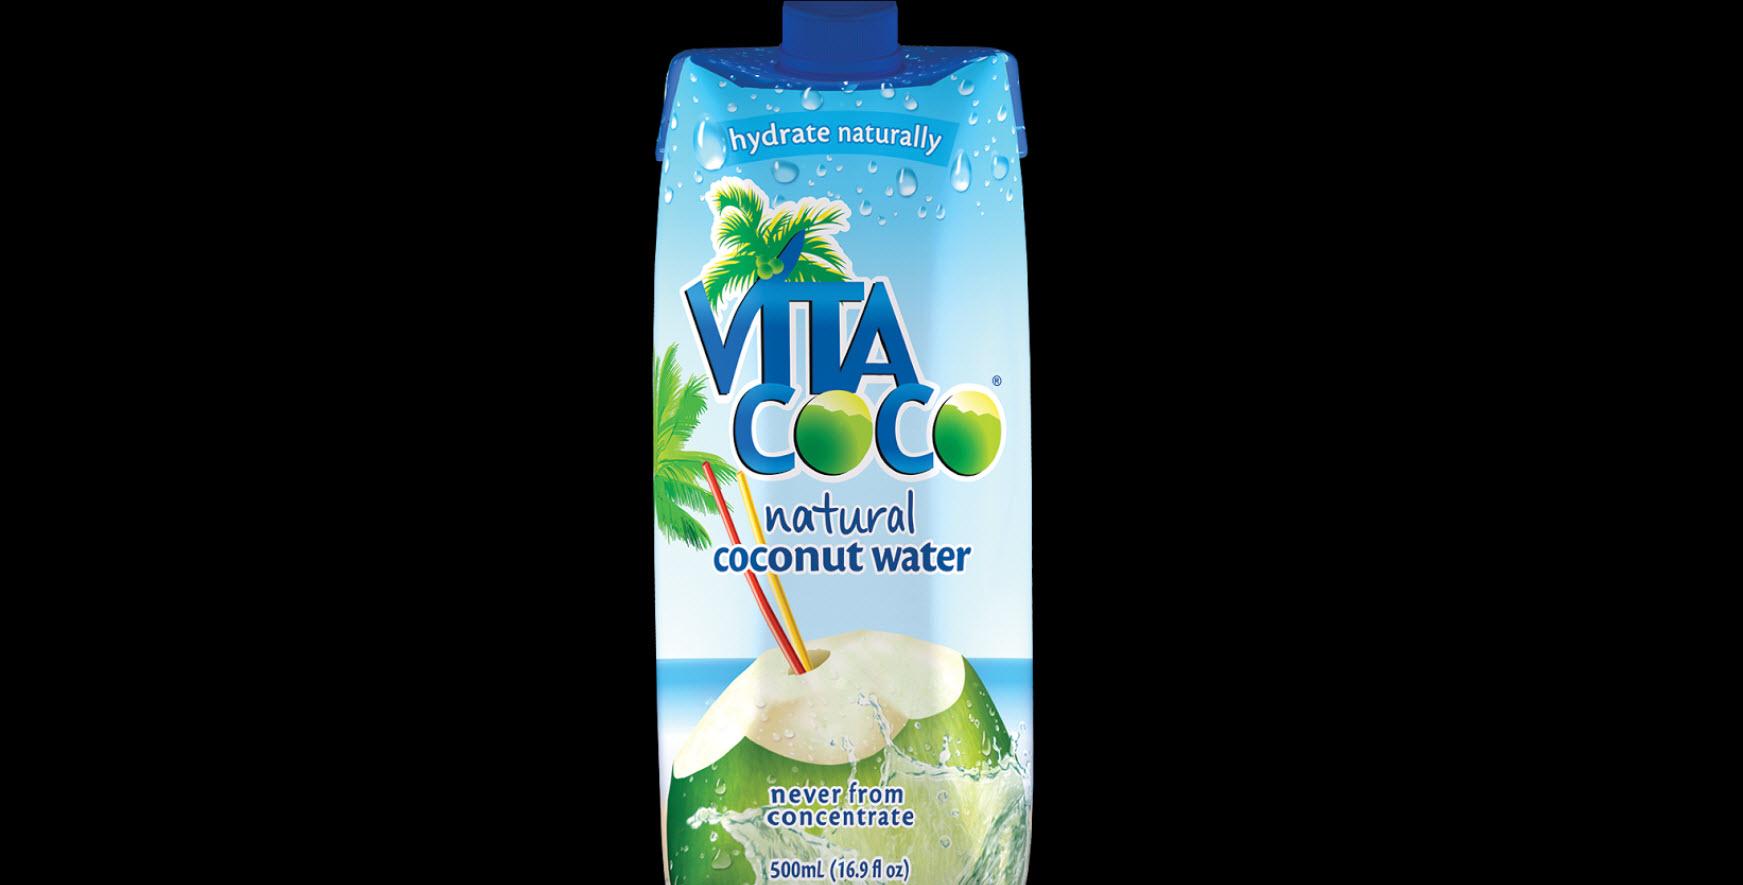 فيتا كوكو تقدم لكم فرصة للحفاظ على وزنكم قبل حلول موسم الصيف